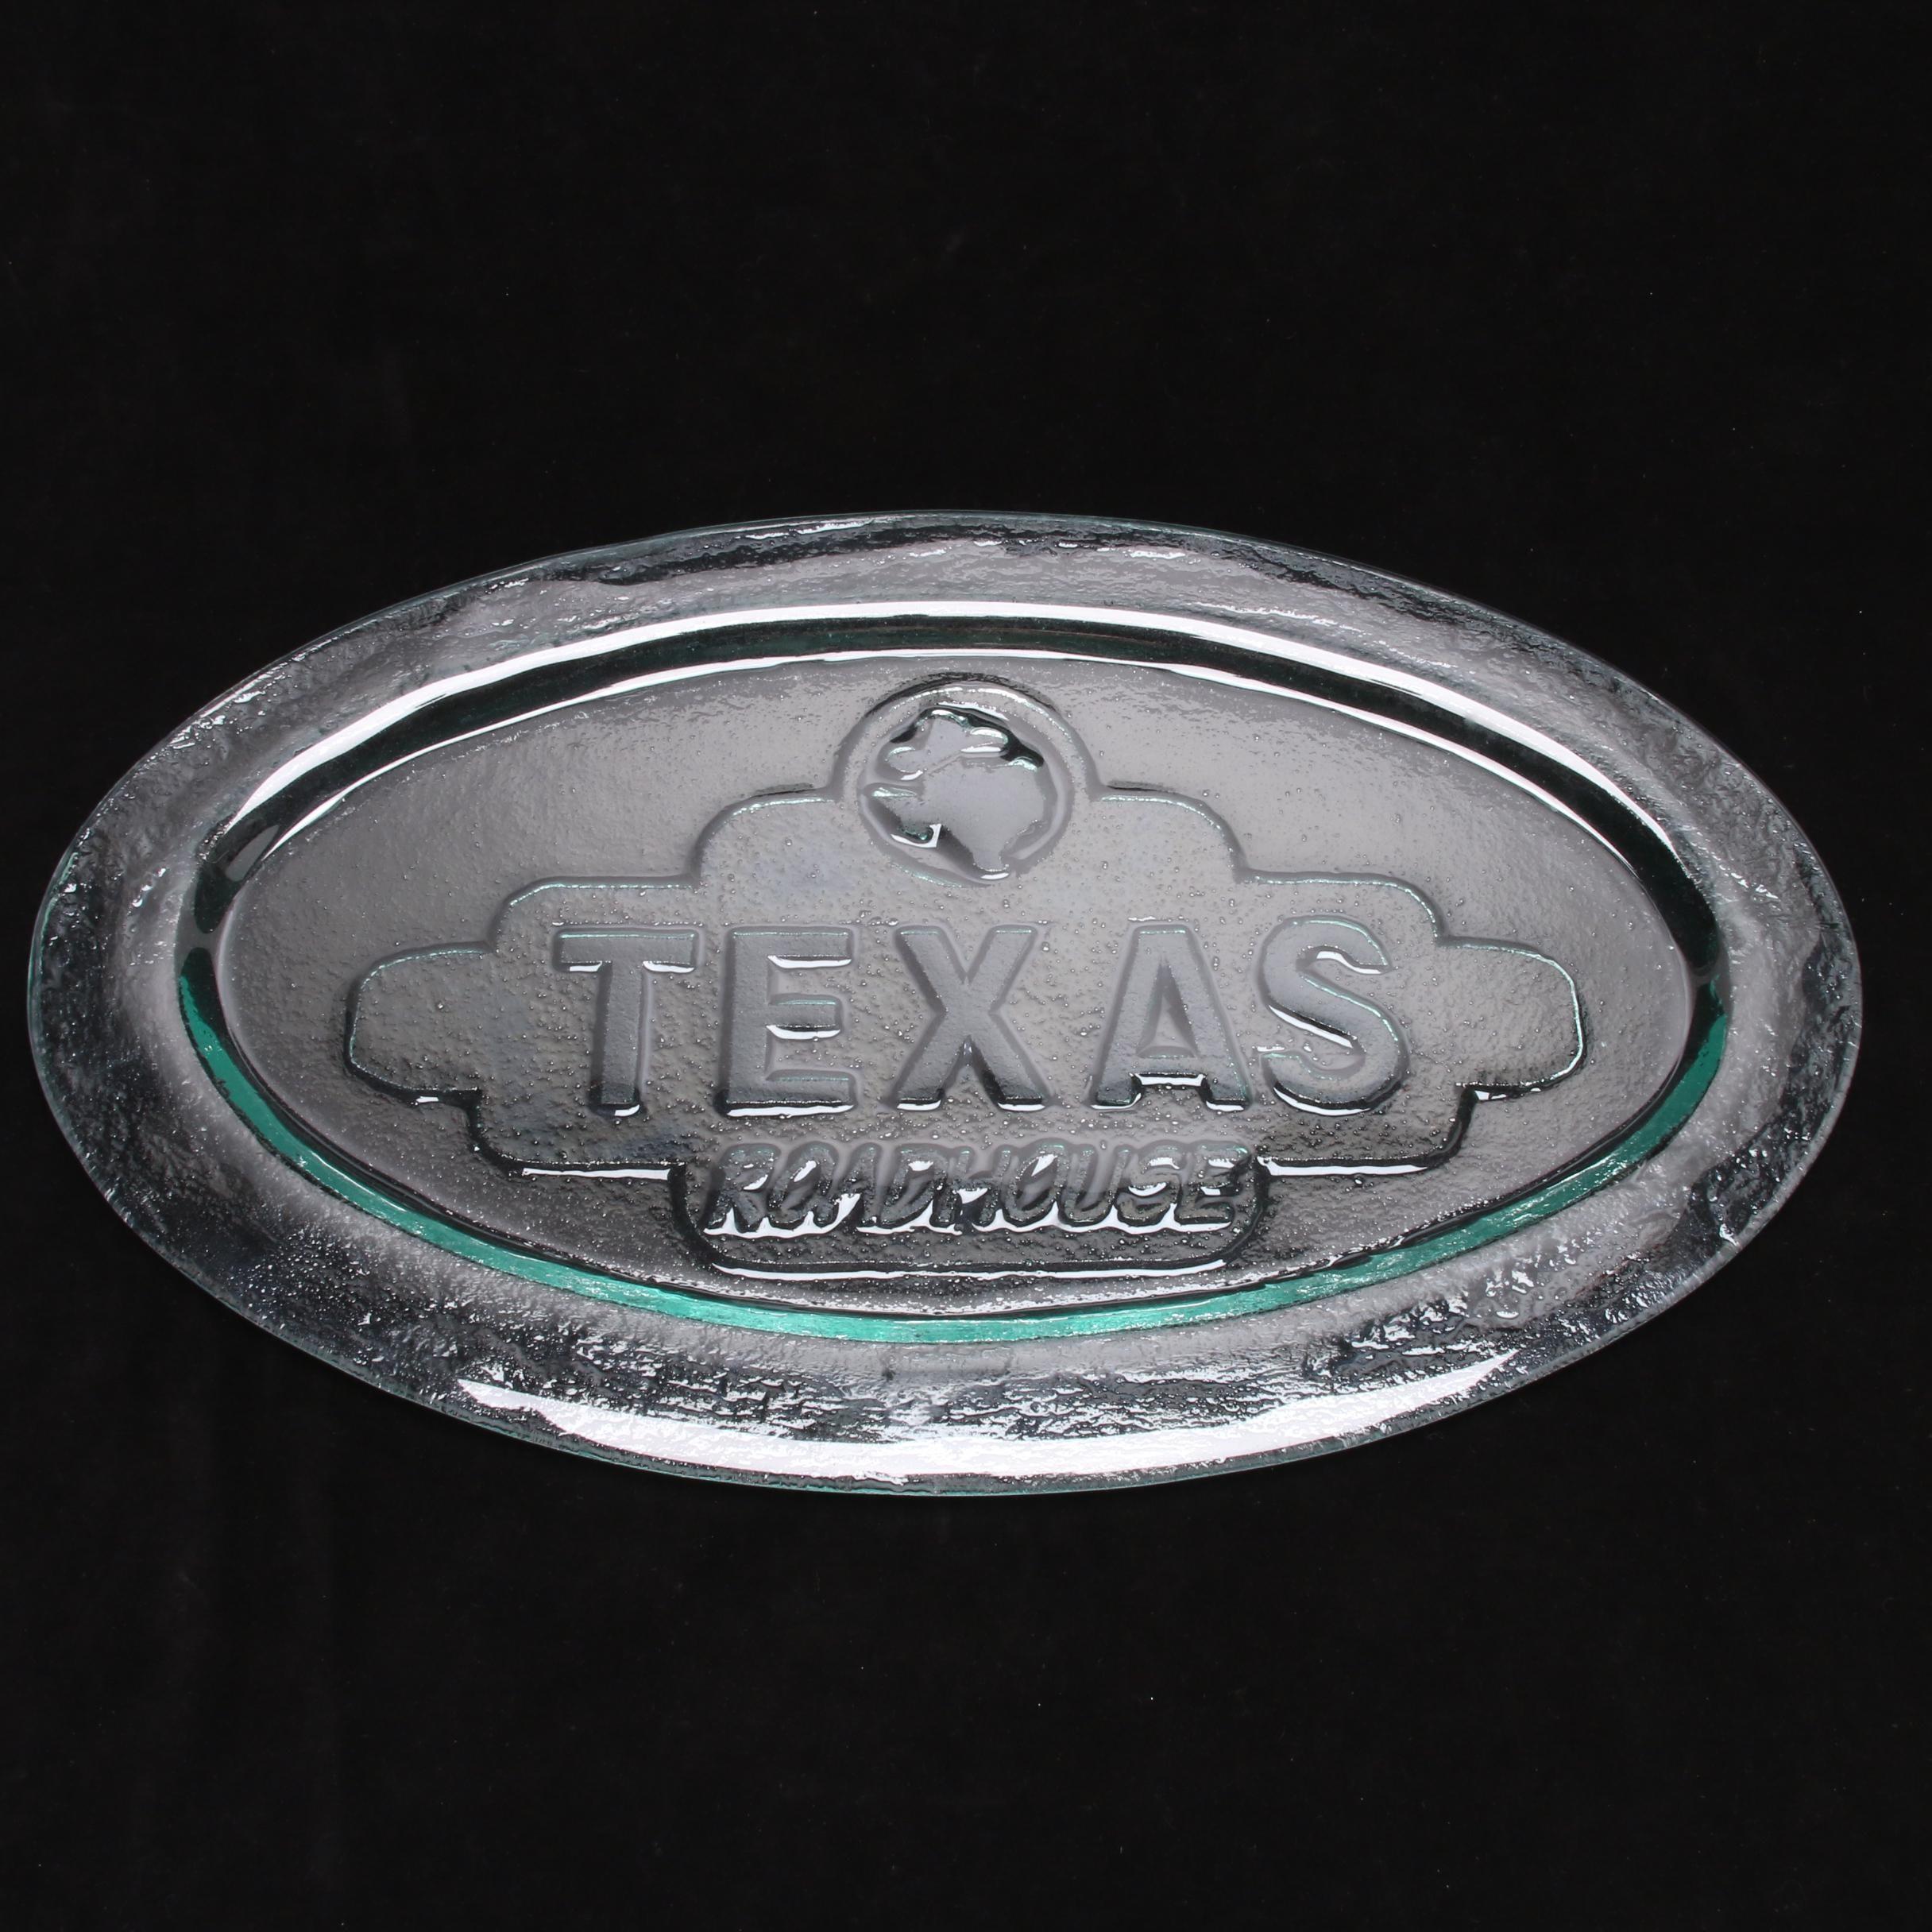 Texas Roadhouse Platter